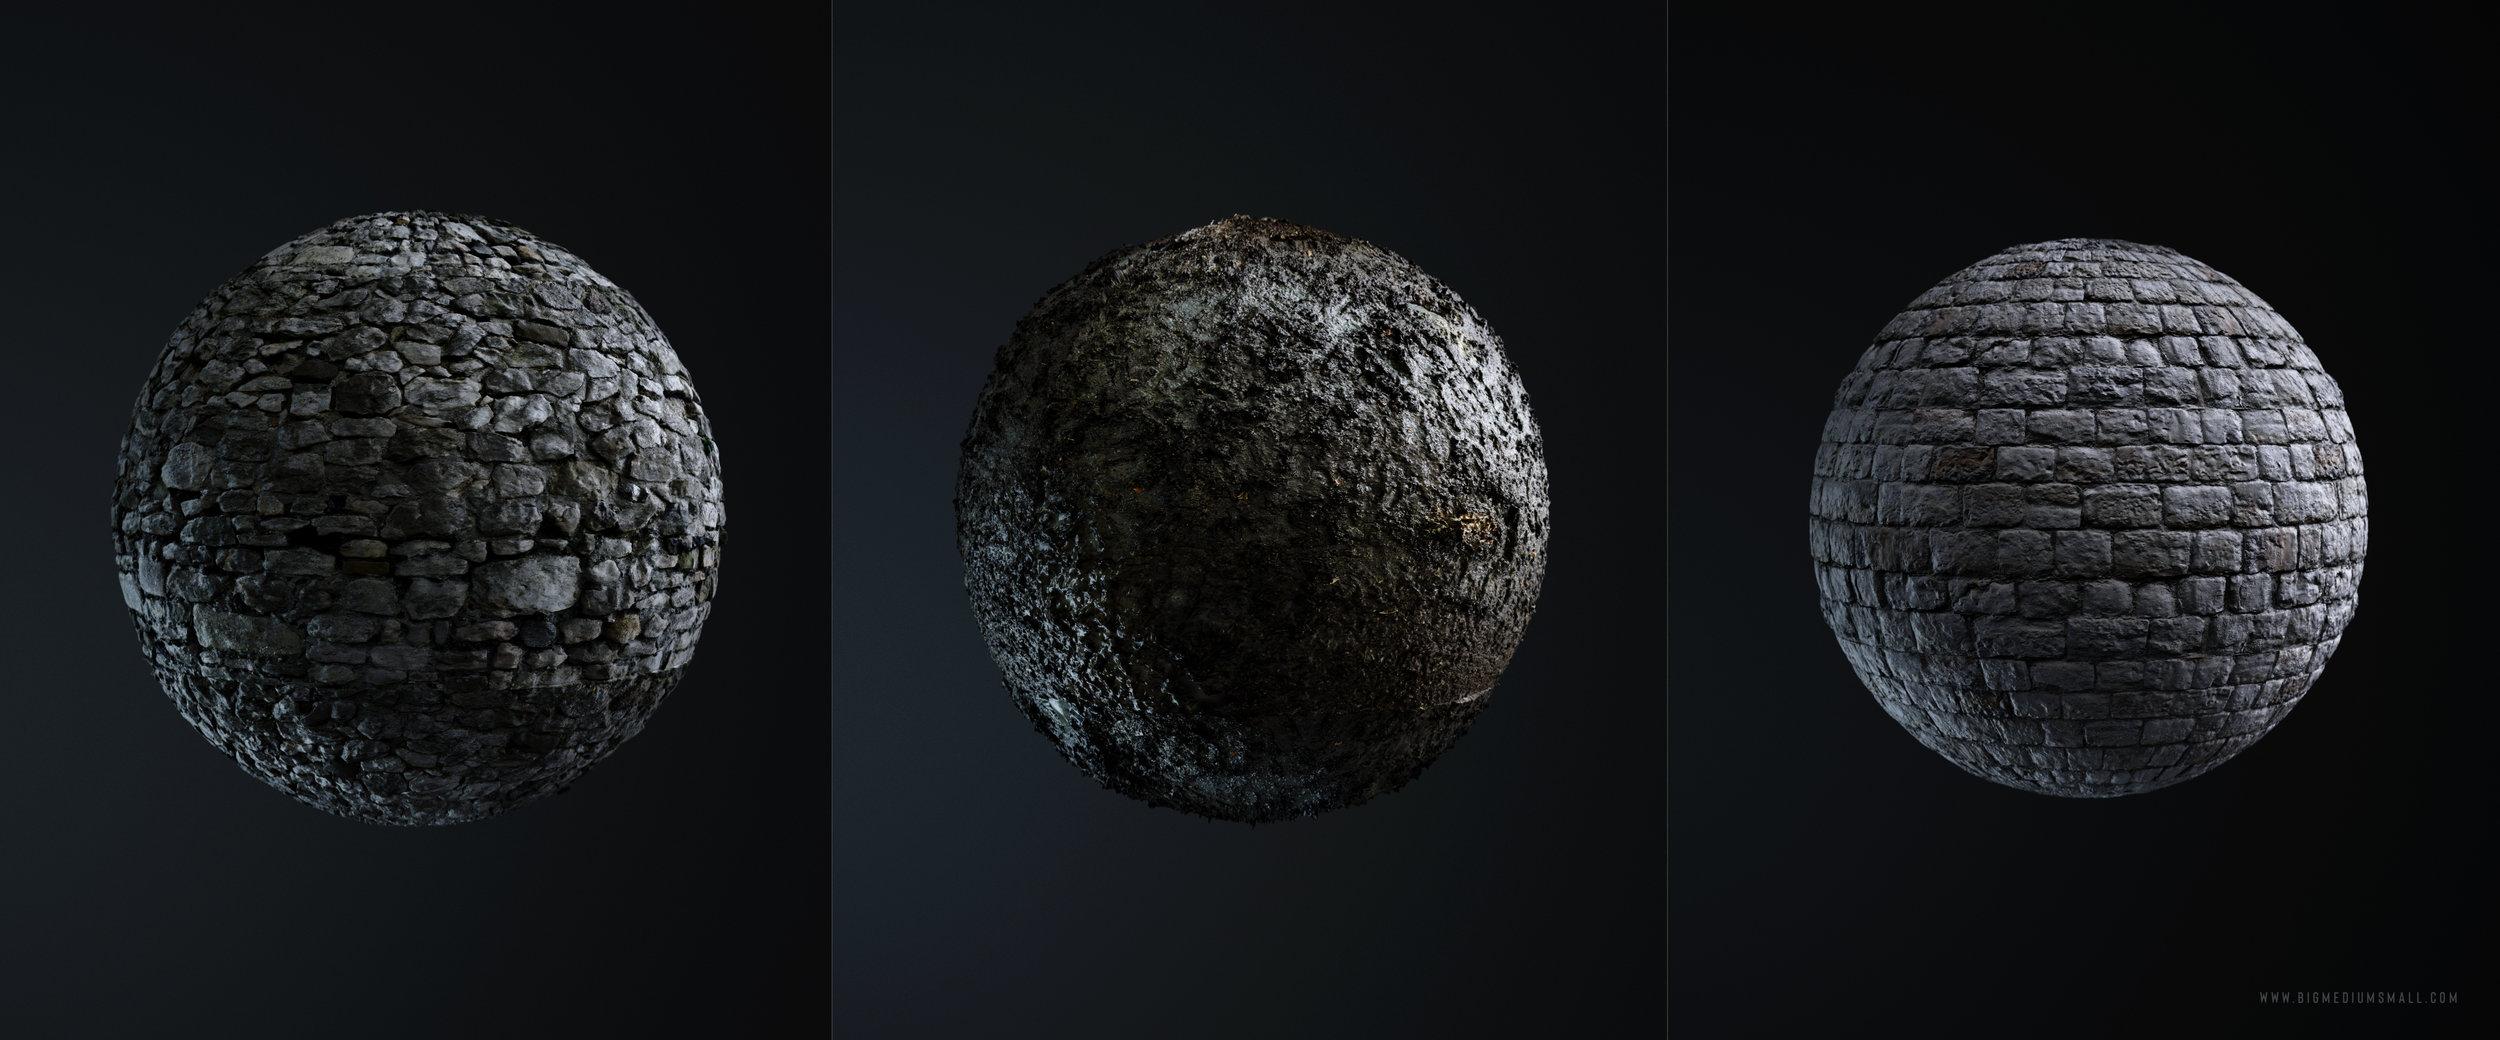 Sphere_textures2.jpg